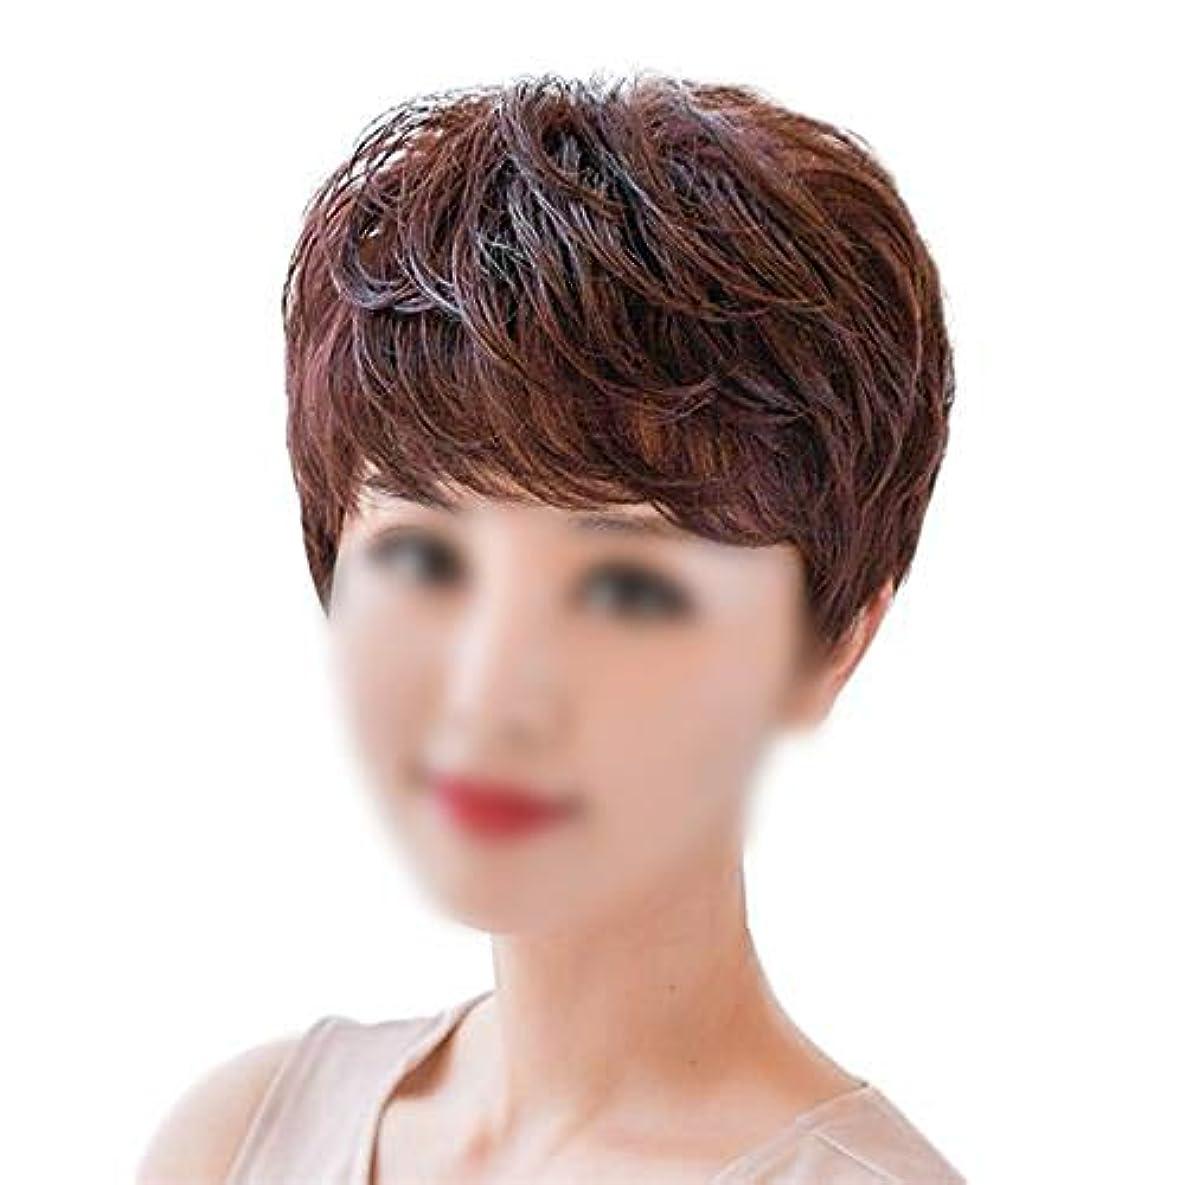 塊被る合図YOUQIU 母のギフトかつらのために女性のふわふわナチュラルショートカーリーヘア手織りの実ヘアウィッグ (色 : Dark brown)